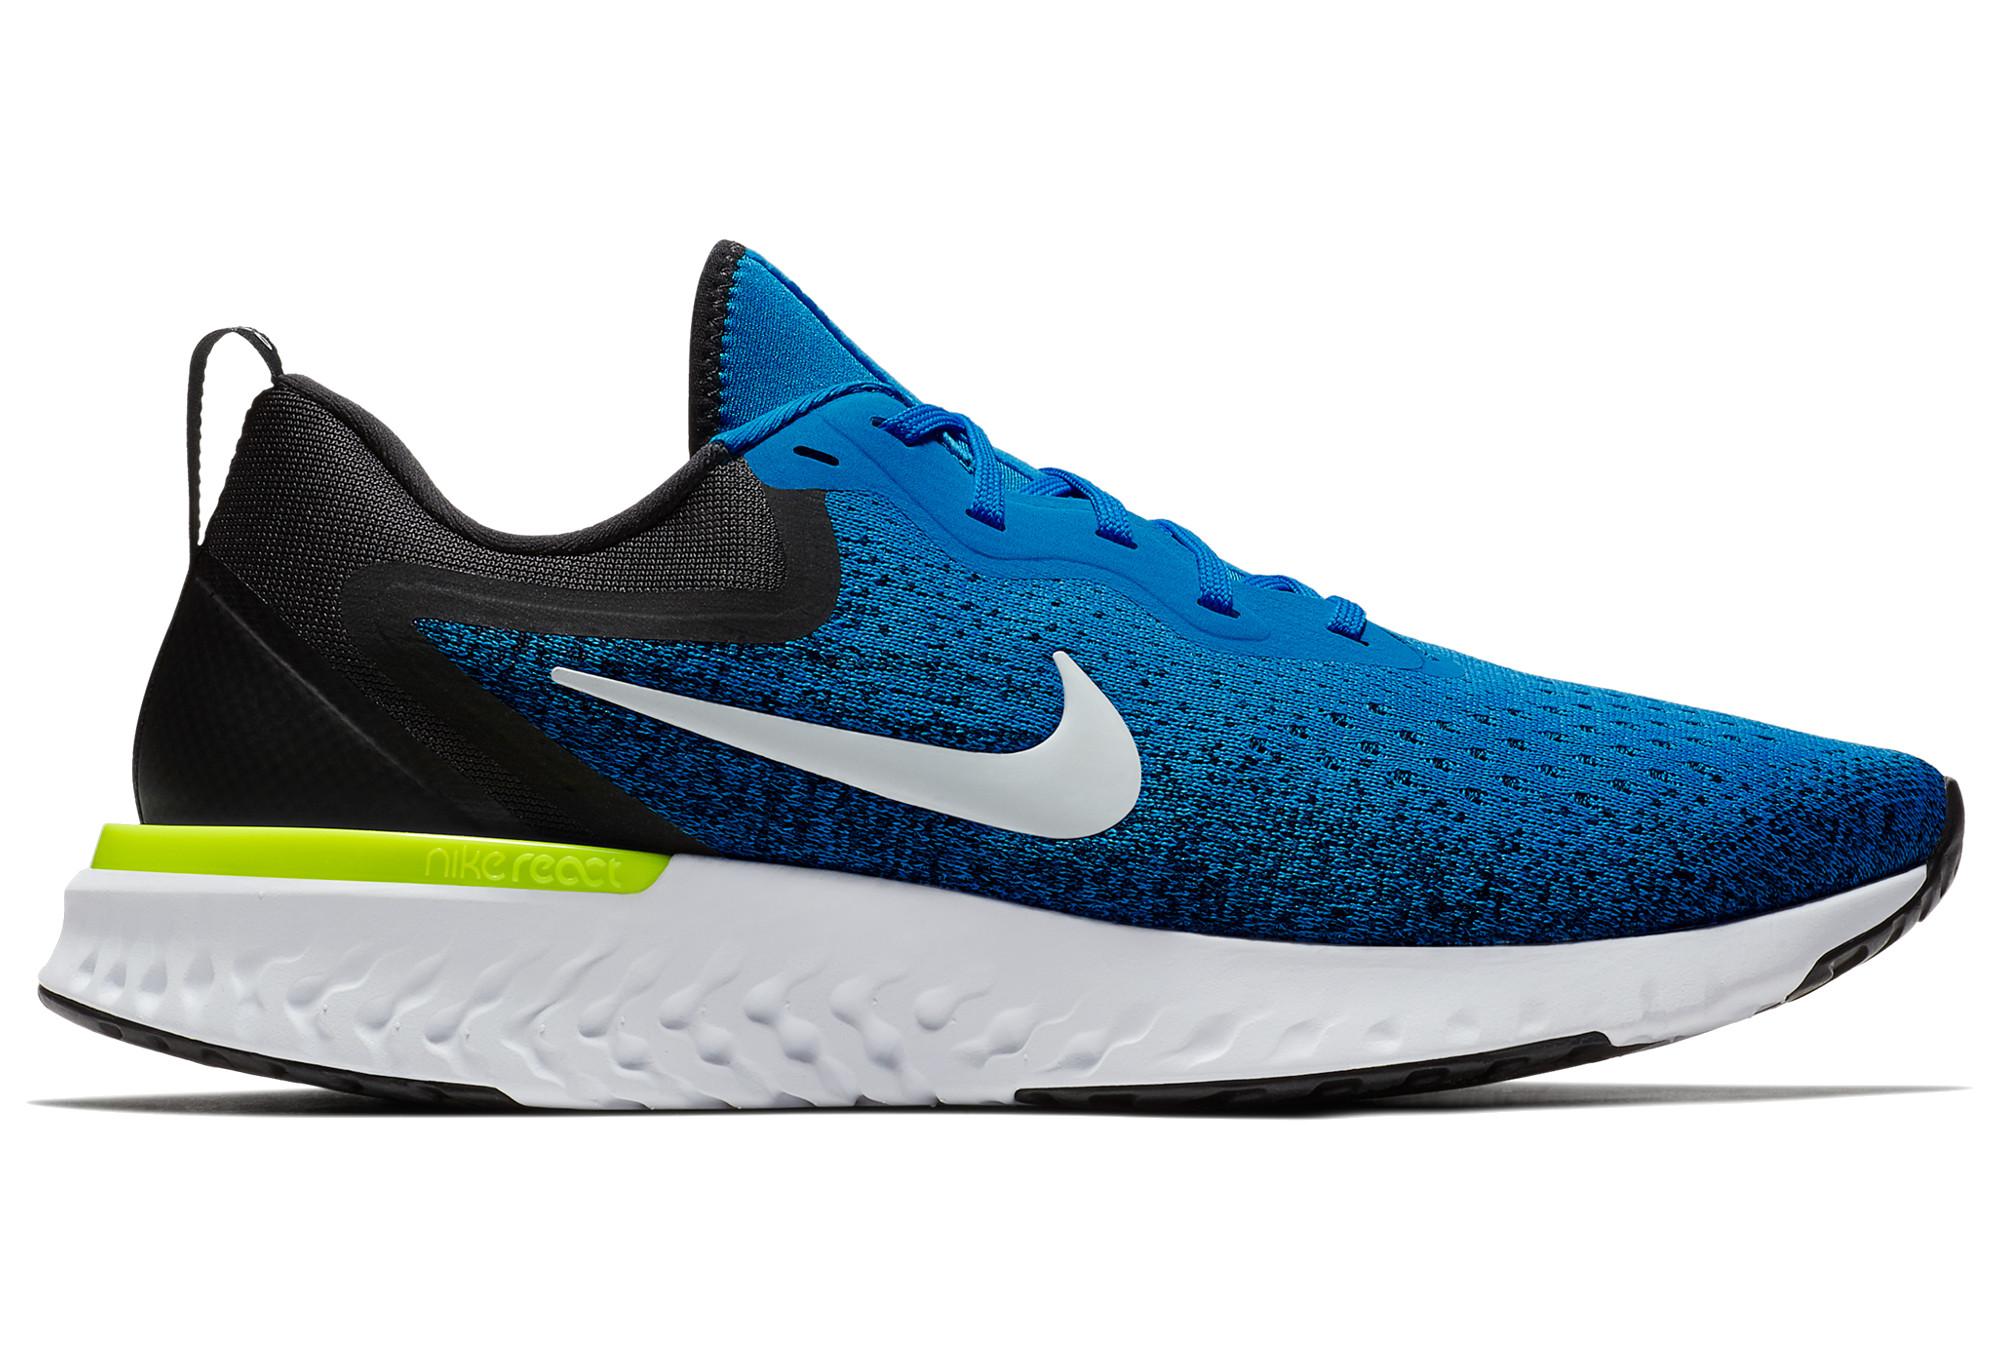 Odyssey de Noir Nike Chaussures Bleu React Running O1nwB1qWp